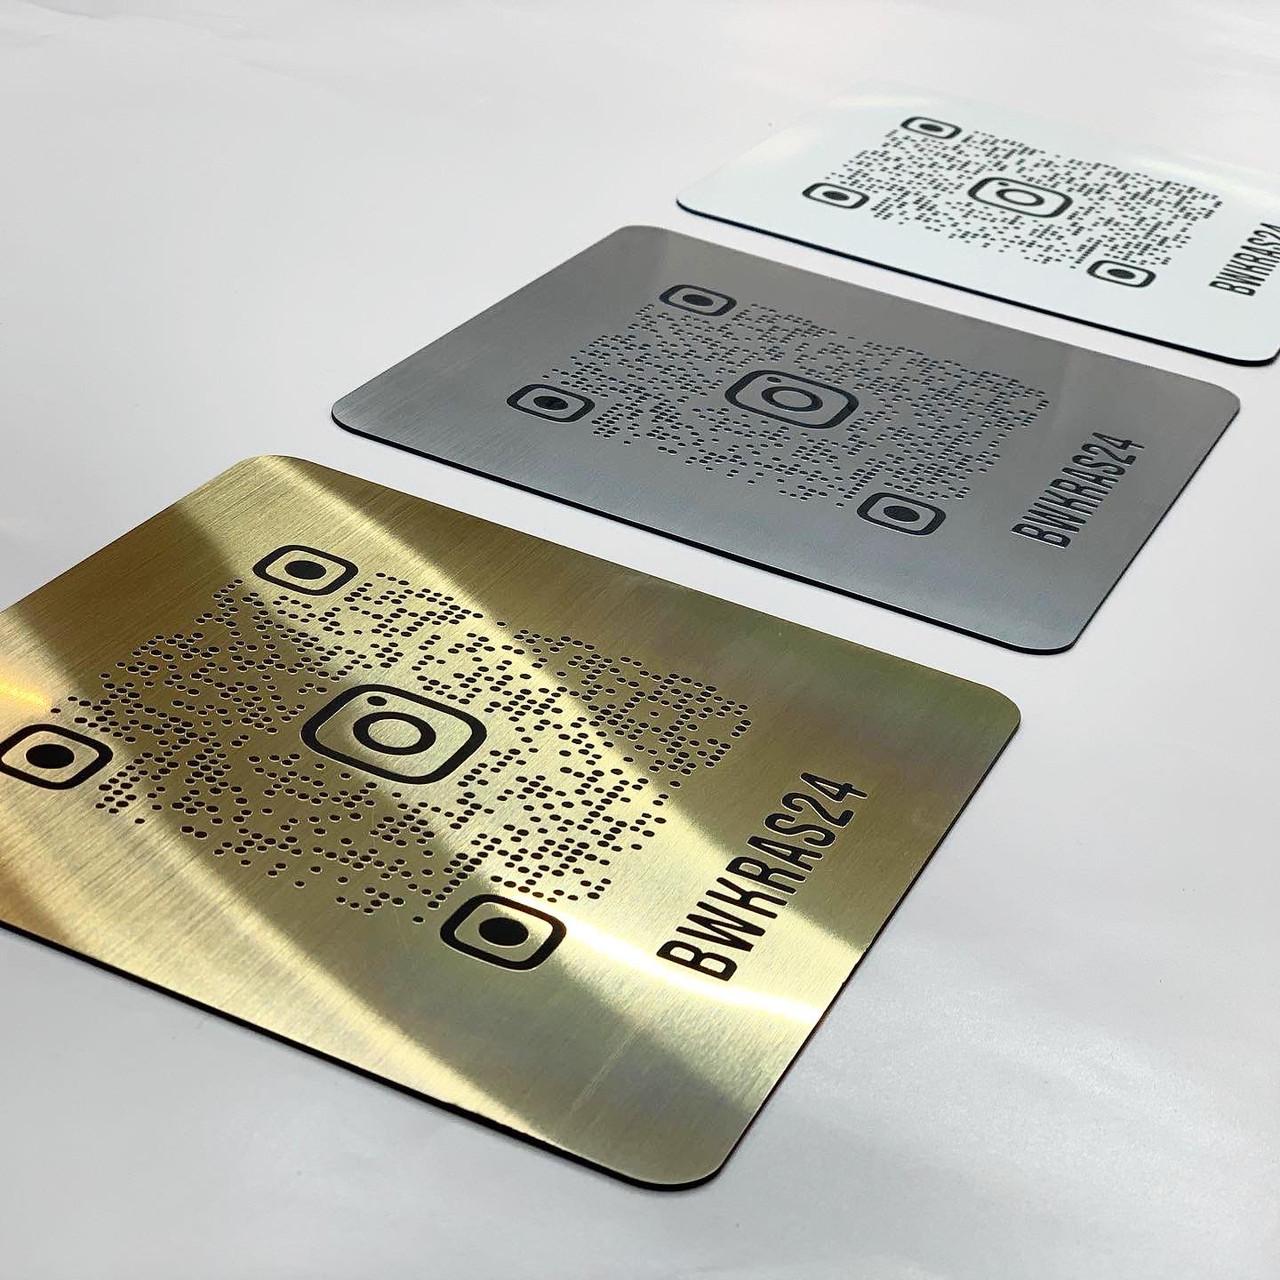 Металева Настінна Instagram табличка з QR-кодом на липкій основі-двосторонньому скотчі срібло